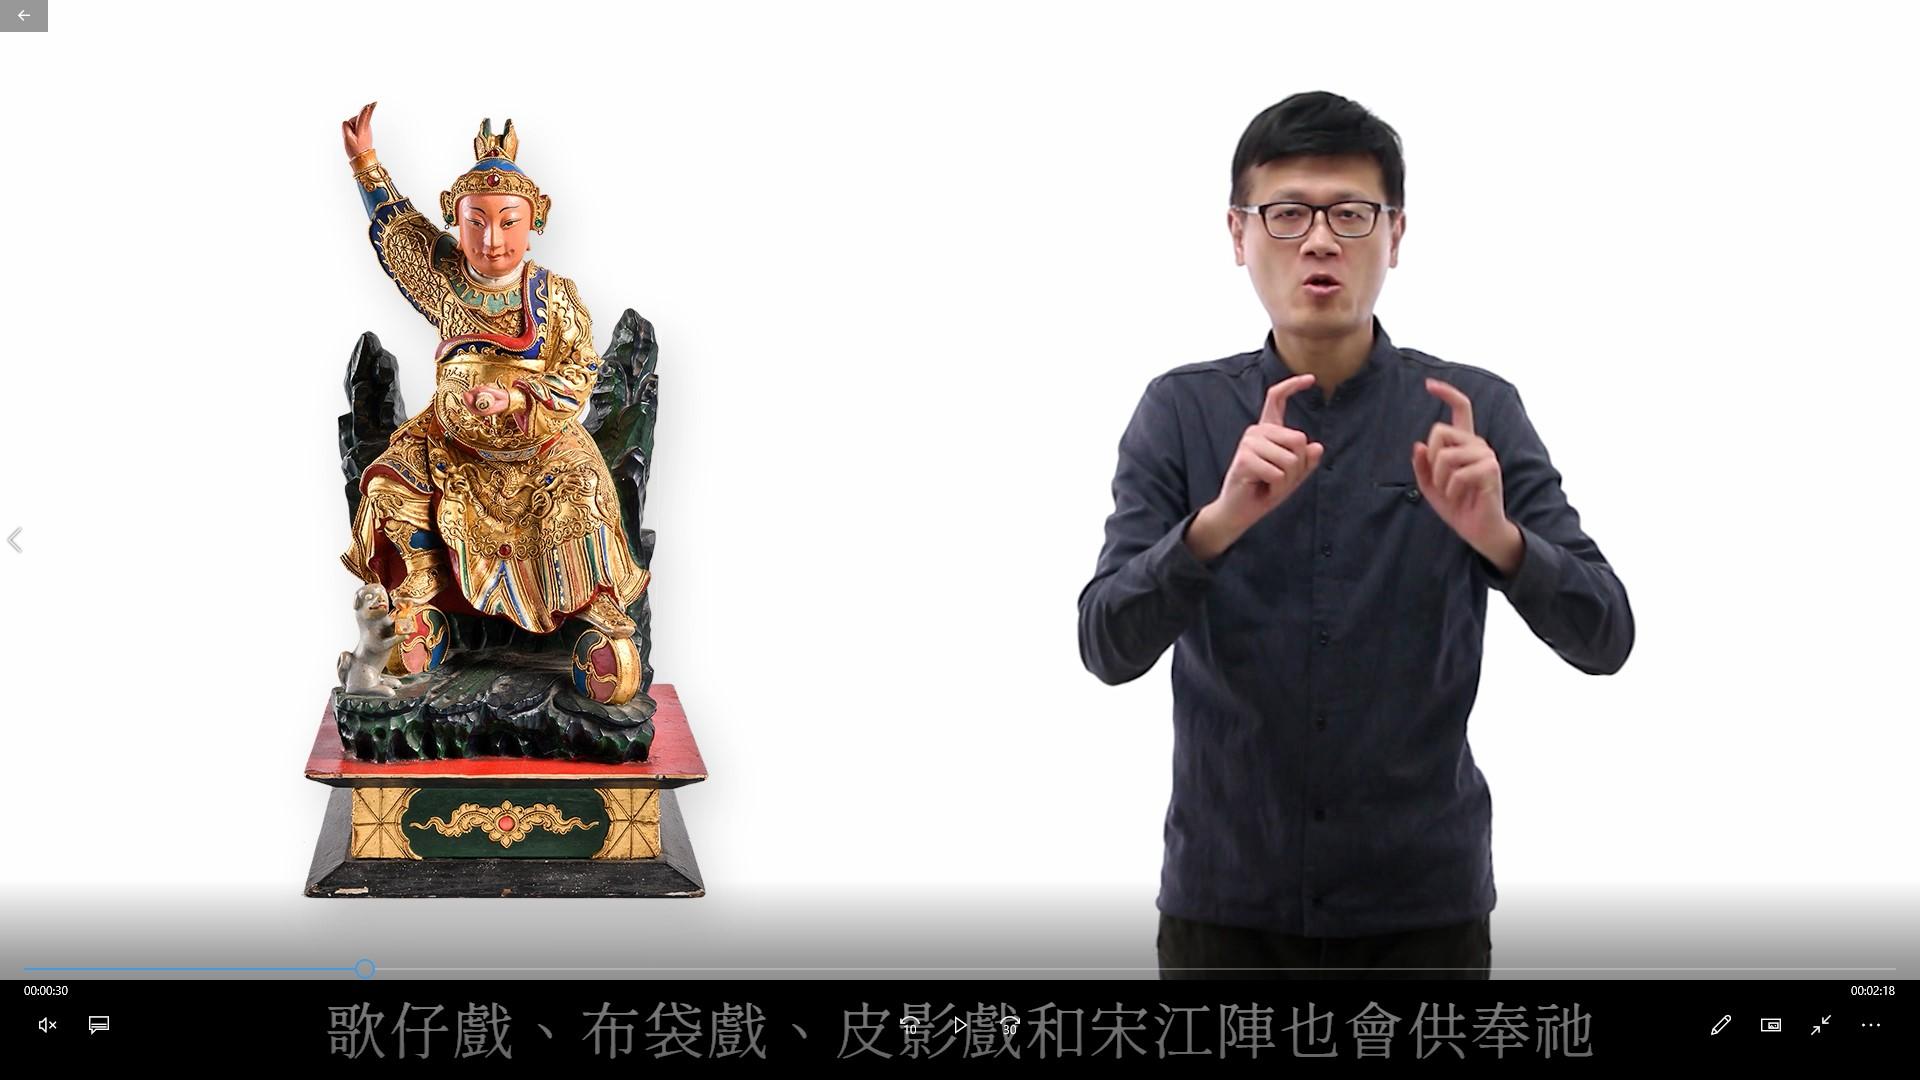 「憨子弟.瘋亂彈 臺灣北管藝術大展」手語導覽影片-13田都元帥信仰